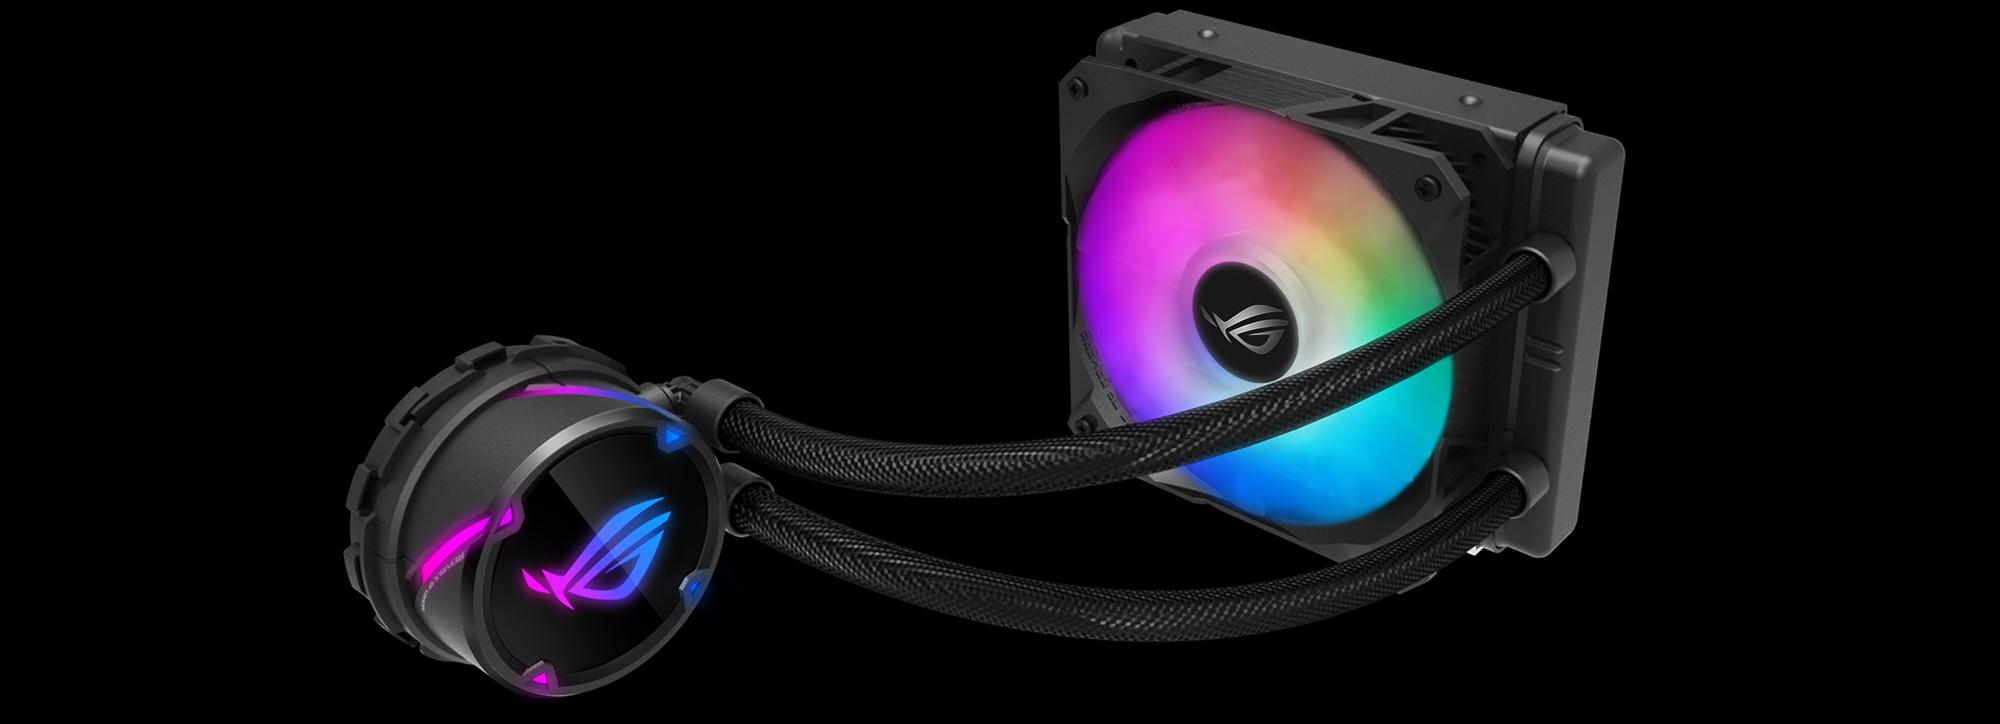 ROG-STRIX-LC-120-RGB